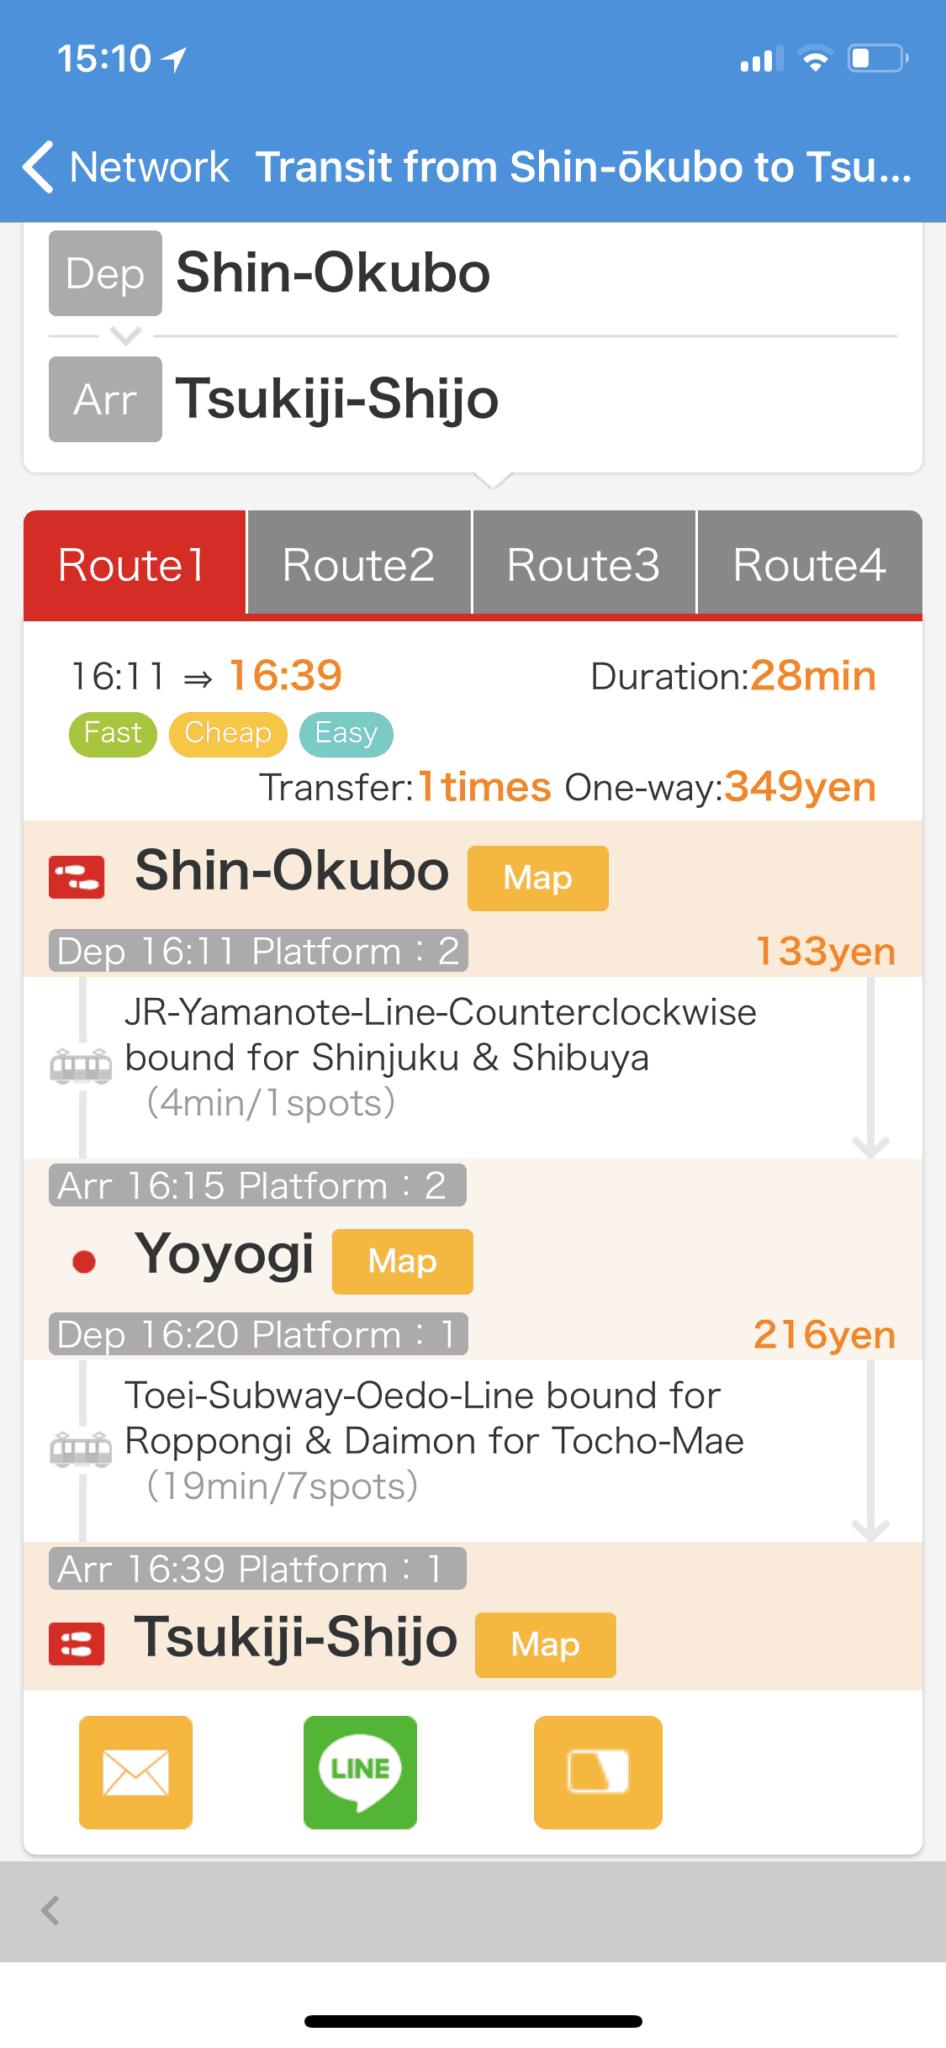 Shin-Okubu to Yoyogi to Tsukiji-Shijo